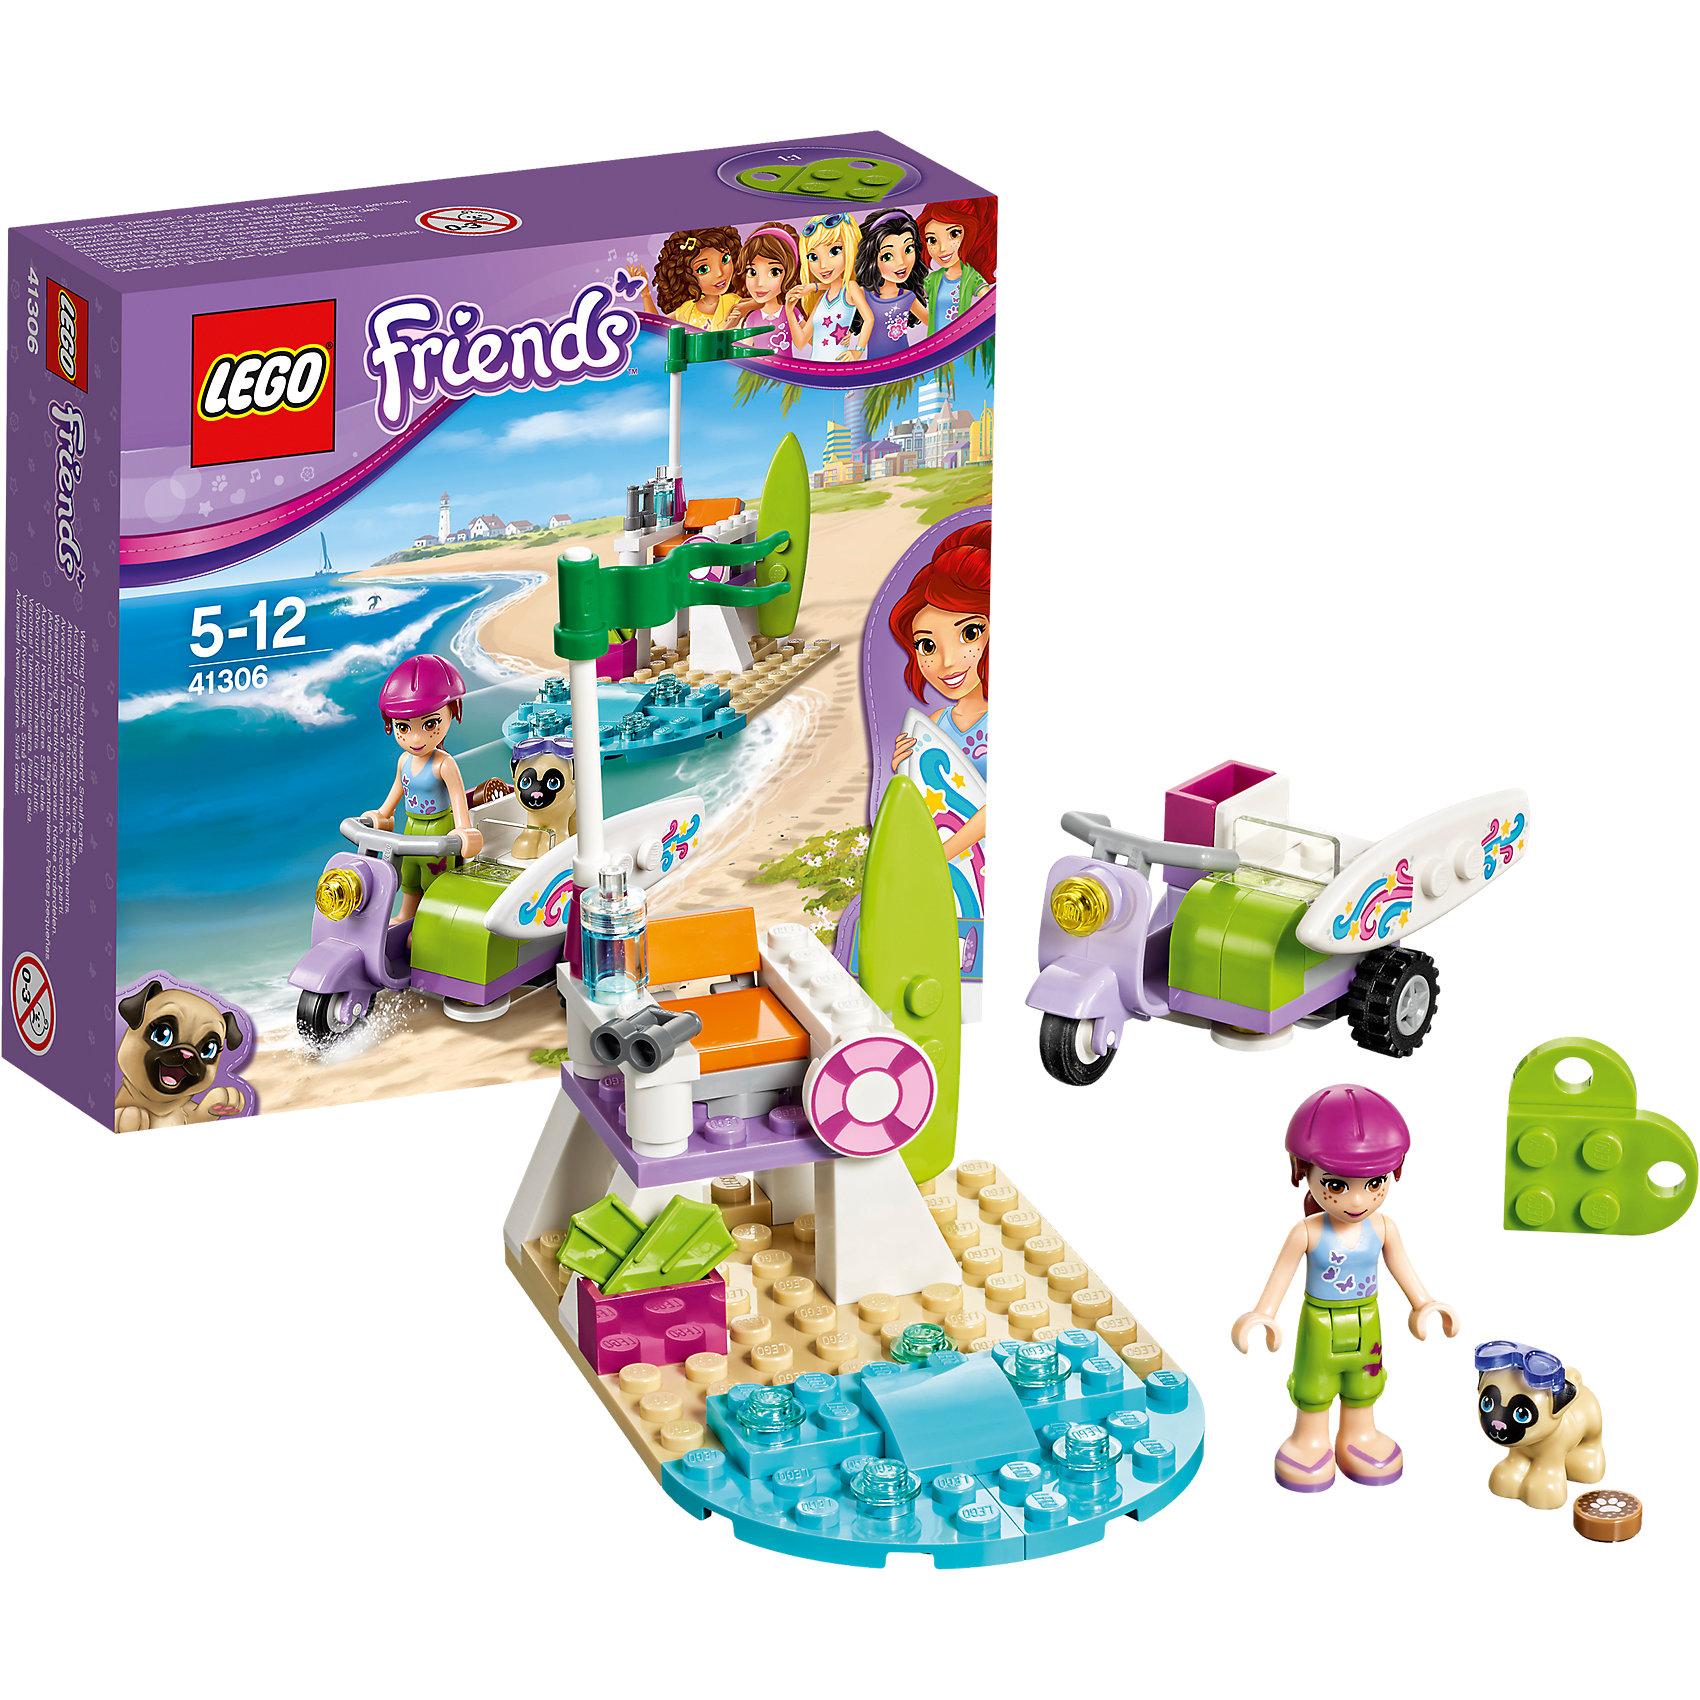 LEGO Friends 41306: Пляжный скутер МииПластмассовые конструкторы<br>LEGO Friends 41306: Пляжный скутер Мии<br><br>Характеристики:<br><br>- в набор входит: детали спасательной станции и скутера, щенок, фигурка Мии, аксессуары, красочная инструкция<br>- состав: пластик<br>- количество деталей: 79<br>- размер спасательной станции: 9 * 6 * 9 см.<br>- размер скутера: 5 * 3 * 4 см.<br>- для детей в возрасте: от 5 до 12 лет<br>- Страна производитель: Дания/Китай/Чехия<br><br>Легендарный конструктор LEGO (ЛЕГО) представляет серию «Friends» (Друзья) в которую входят наборы конструкторов интересных не только в строительстве, но и в игре. <br><br>Серия разработана с учетом различных повседневных ситуаций и мест. Мия устроилась на работу в спасательную станцию на берегу моря. Ее мопс Тоффи помогает ей во всем и ездит вместе с ней на пляж на скутере. Отлично проработанный трехколесный скутер помещает фигурку Мии, щенка Тоффи, доску для серфинга, и даже имеет багажное отделение для лакомств щенка. На спасательной станции имеется все необходимое для оперативной помощи отдыхающим, бинокль для патрулирования купающихся, деталь со спасательным кругом, ласты для быстрого плавания и дежурная доска для серфинга. Чтобы не перегреться на солнце Мия пьет воду. После окончания работы она достает свою доску и идет плавать. Тоффи тоже любит воду и пробует научиться кататься на второй зеленой доске. <br><br>Фигурка Мии отлично проработана, ее рельефные волосы уложены в аккуратную прическу и она носит шлем безопасности. Ее наряд отлично подходит для пляжа – голубой топ и зеленые шорты с бабочками. Фигурка может двигать головой, руками, торсом и принимать сидячее положение. Фигурка щенка надежно вставляется в детали лего, а благодаря специальному отверстию можно надевать и снимать плавательные очки или другие аксессуары. <br><br>Играя с конструктором ребенок развивает моторику рук, воображение и логическое мышление, научится собирать по инструкции и создавать свои модели. Придумывайте новые исто